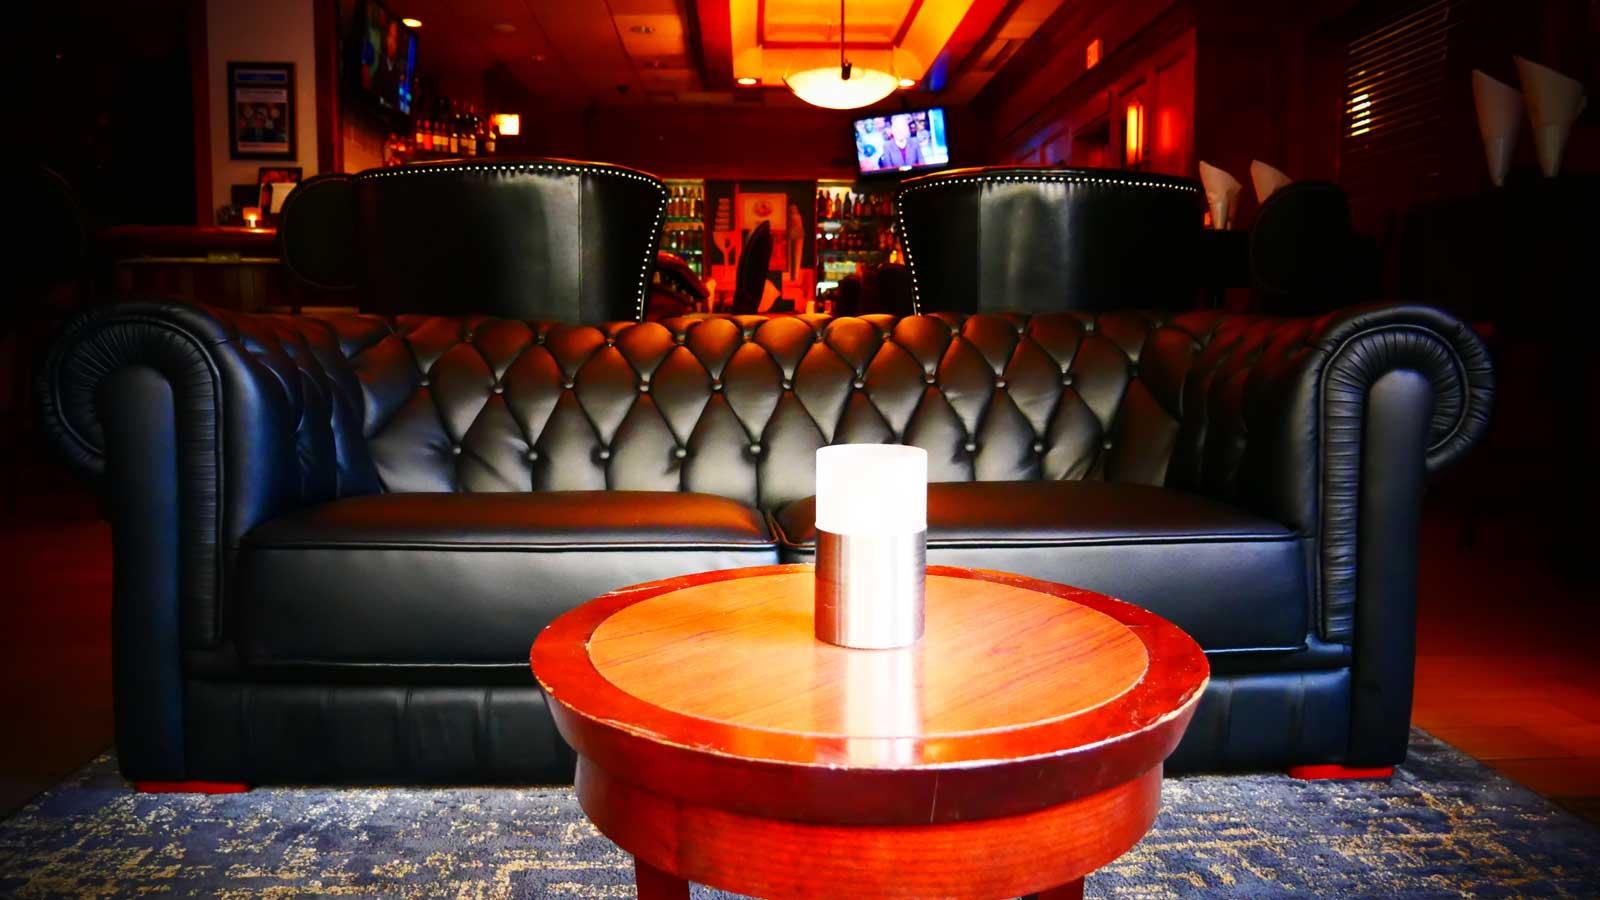 top-steakhouse-interior-mke.jpg